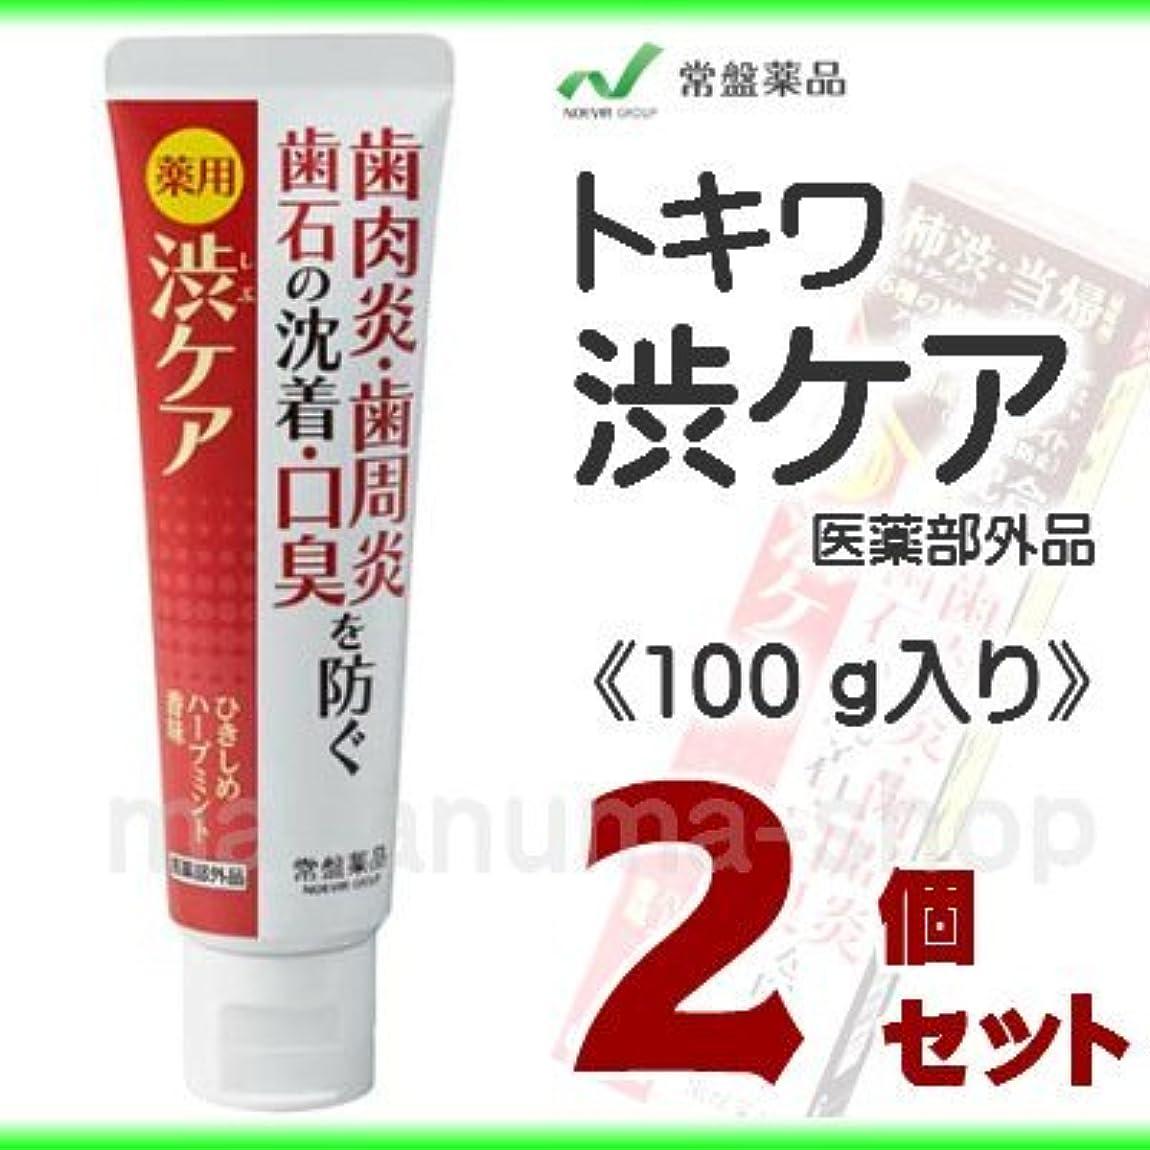 活性化する悲鳴タバコトキワ 薬用渋ケア (100g) 2個セット